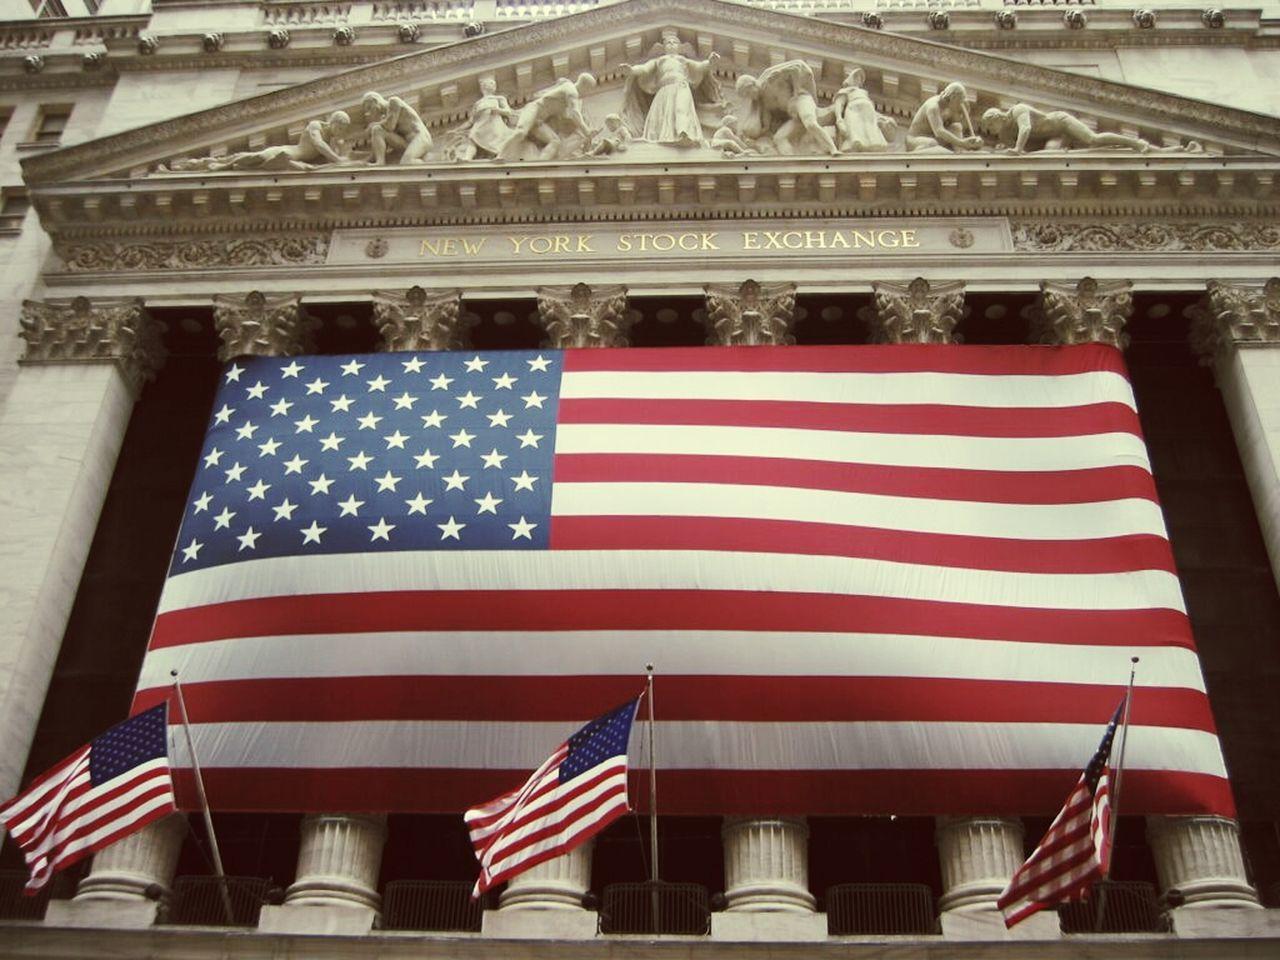 New York Stock Exchange Patriotism USA